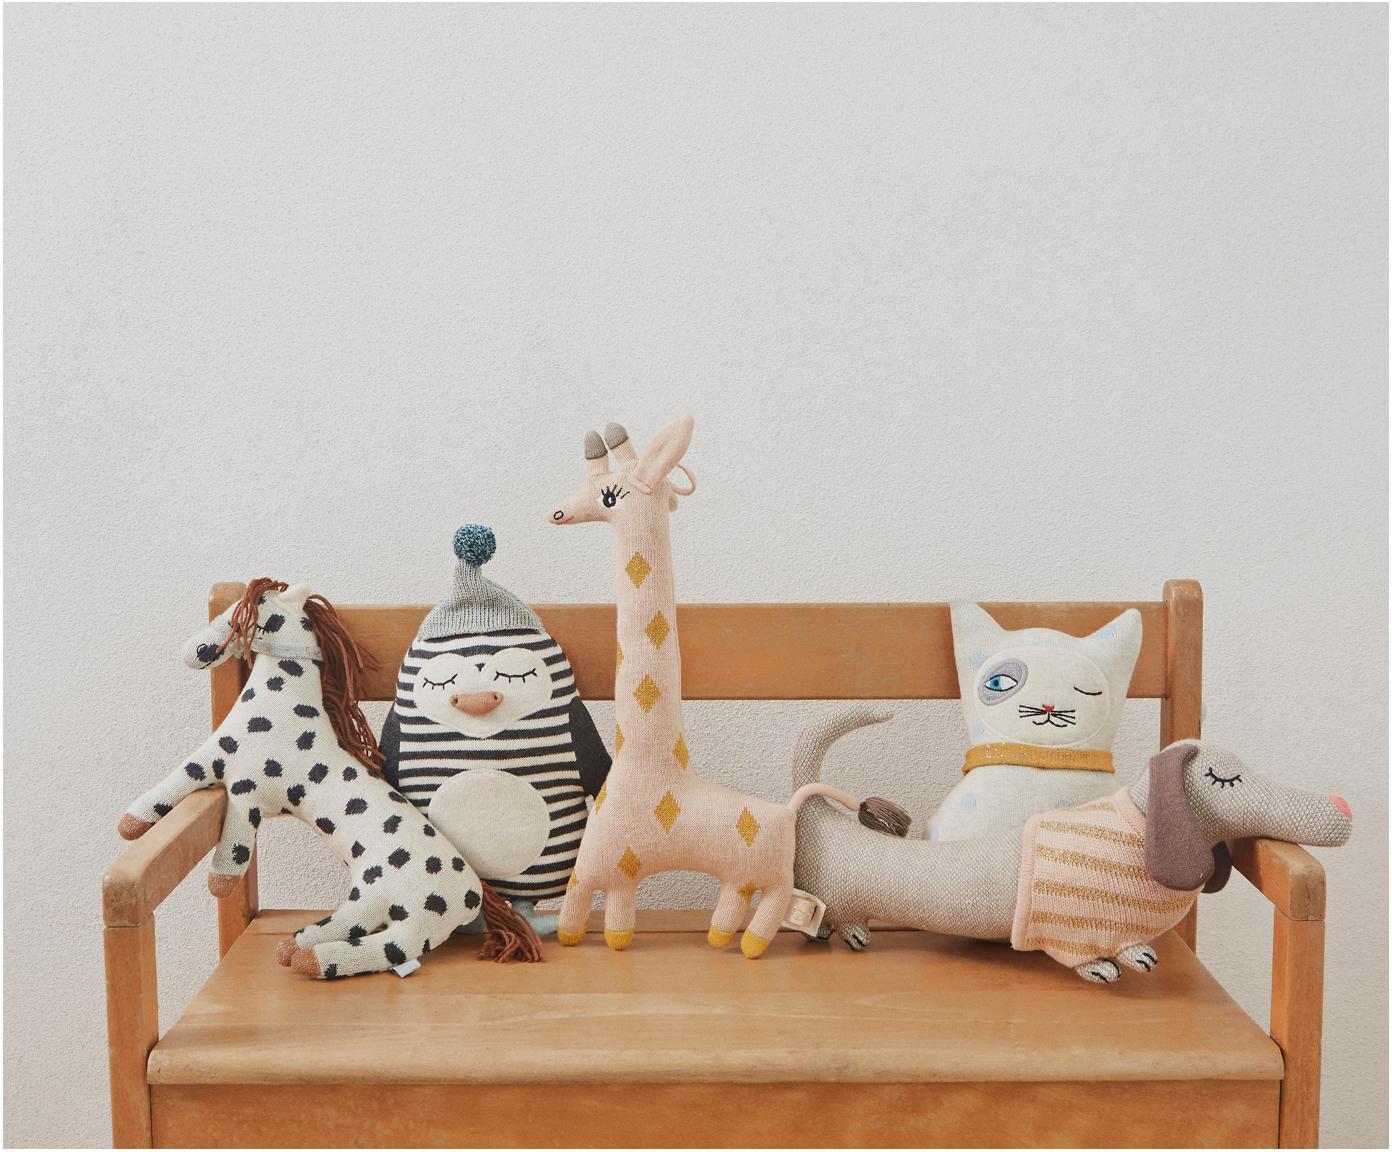 Kuschelkissen Bob, Bezug: 98%Baumwolle, 2%Lurex, Gebrochenes Weiß, Schwarz, Mintgrün, Orange, 18 x 26 cm